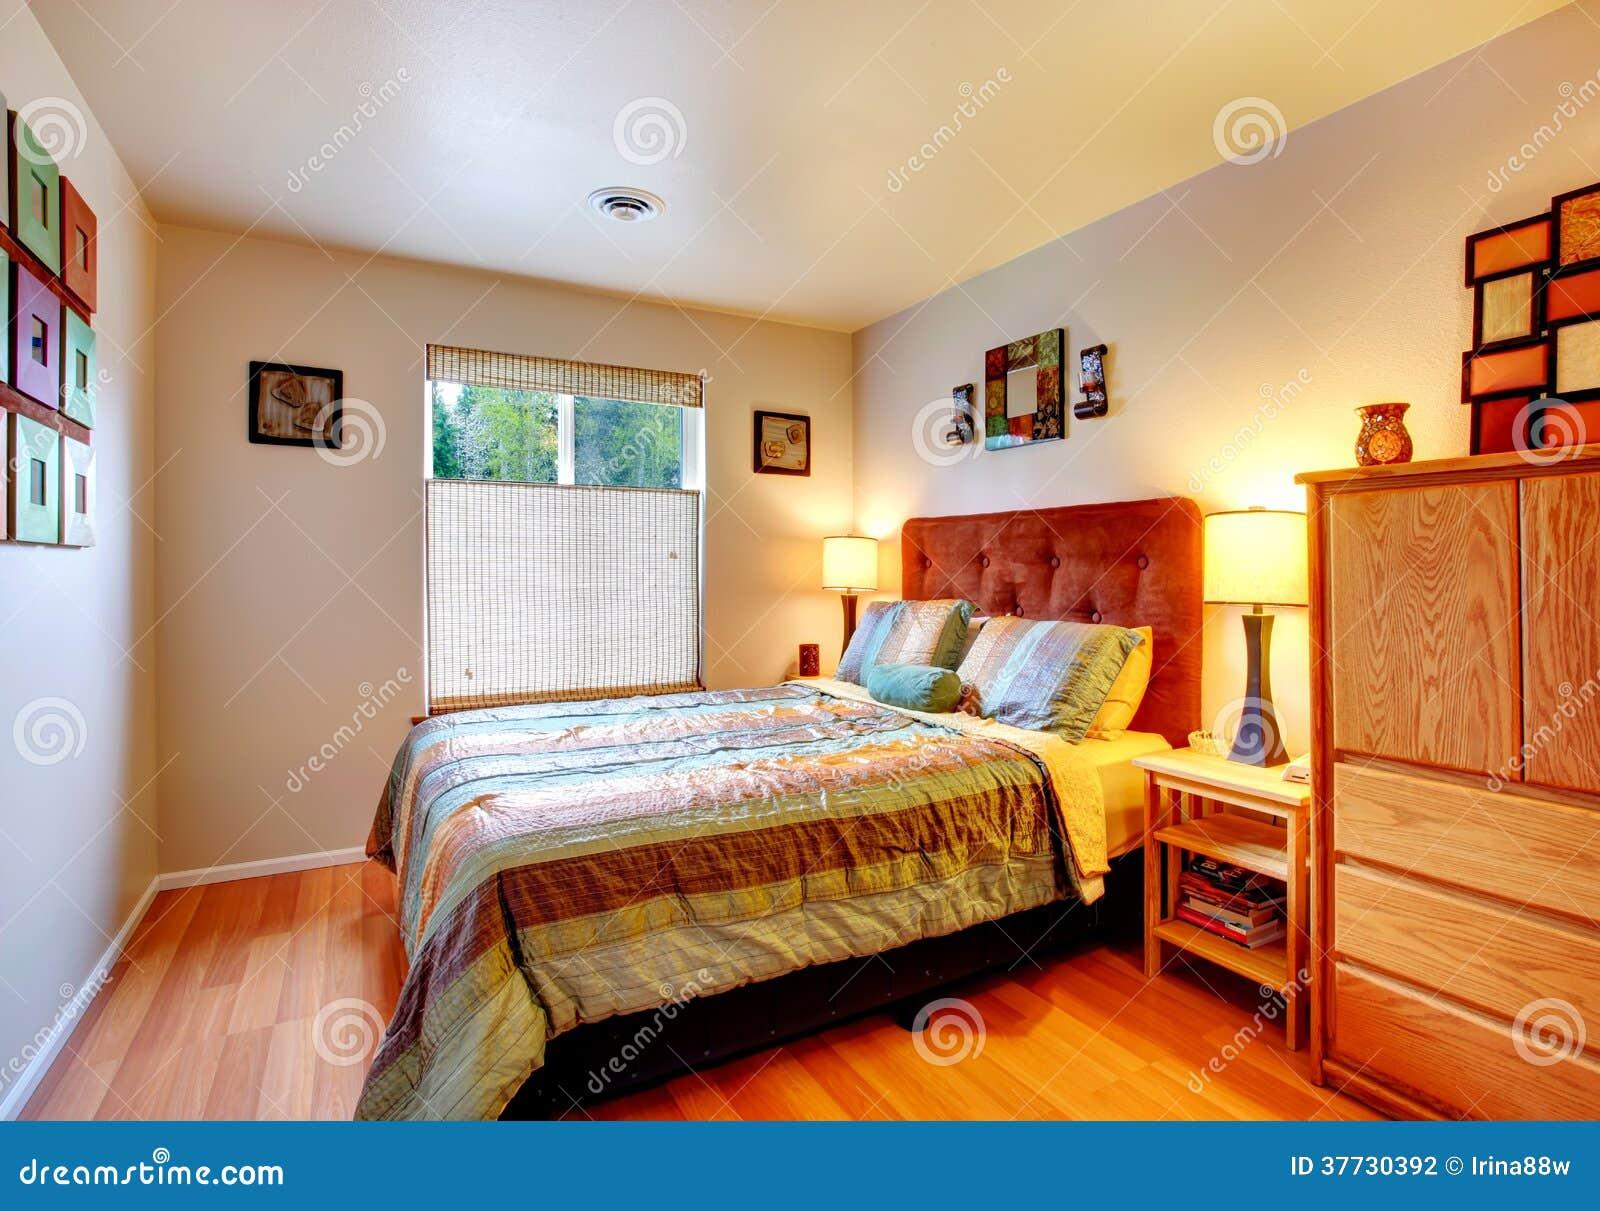 Cozy Warm Bedroom Colors